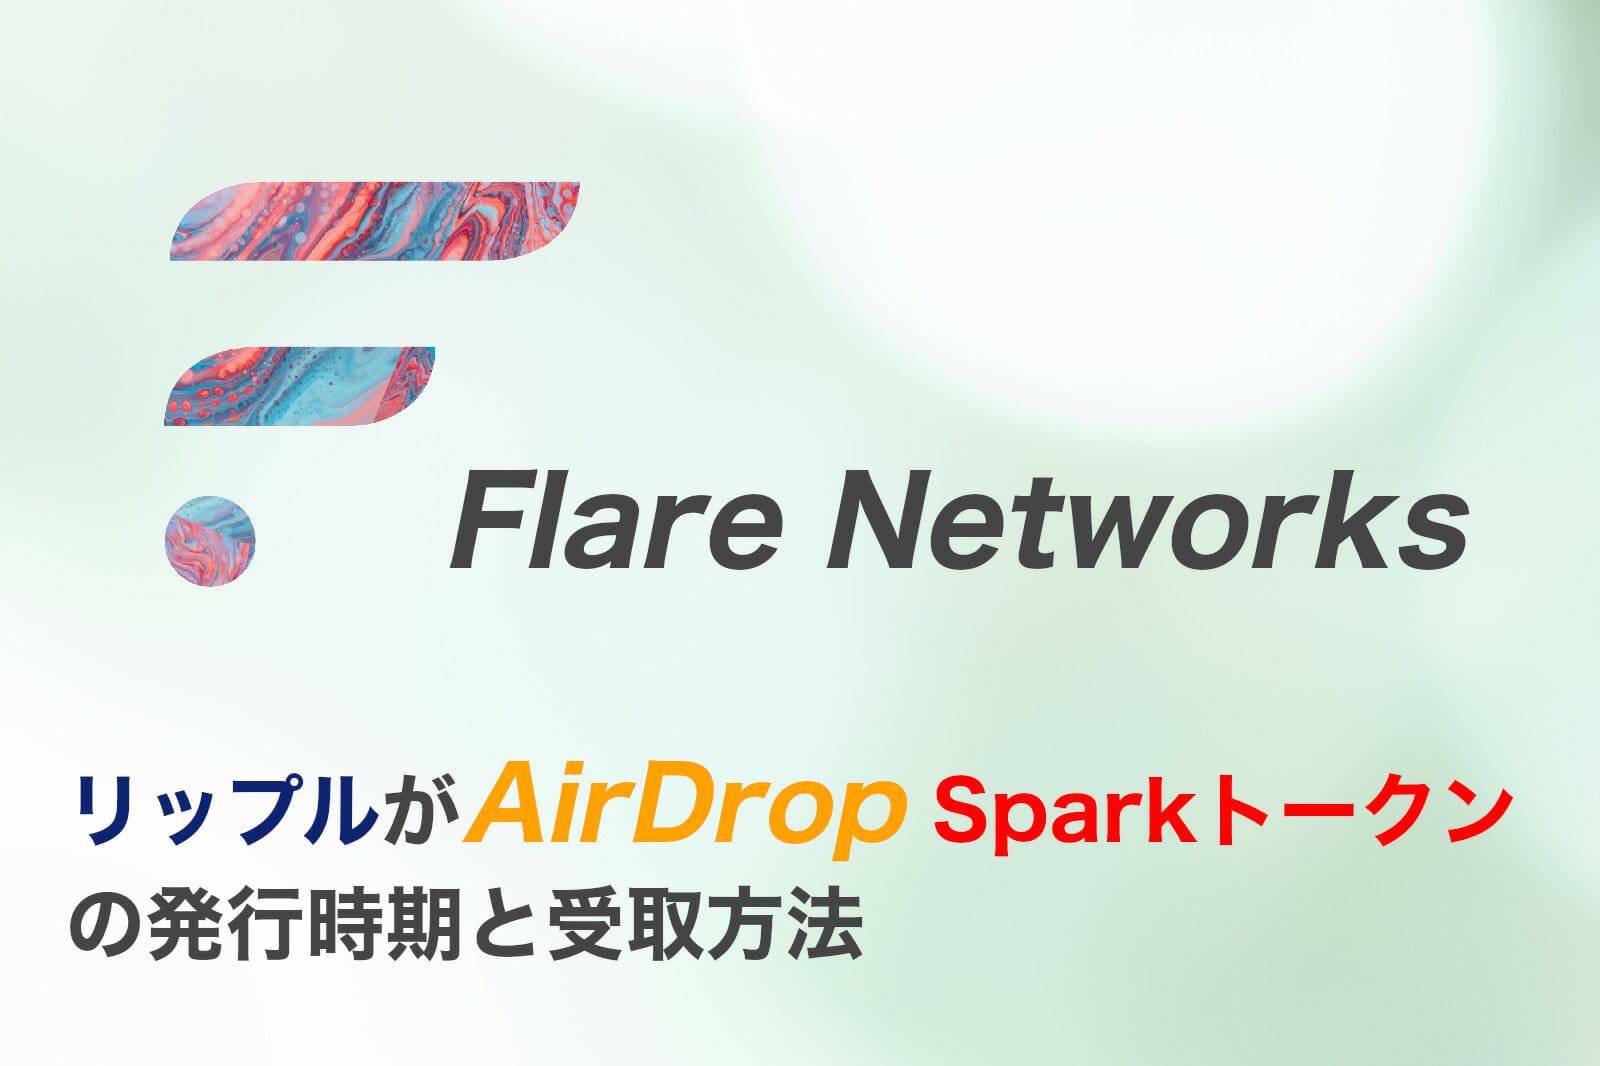 リップルがAirDrop Sparkトークンの発行時期と受取方法